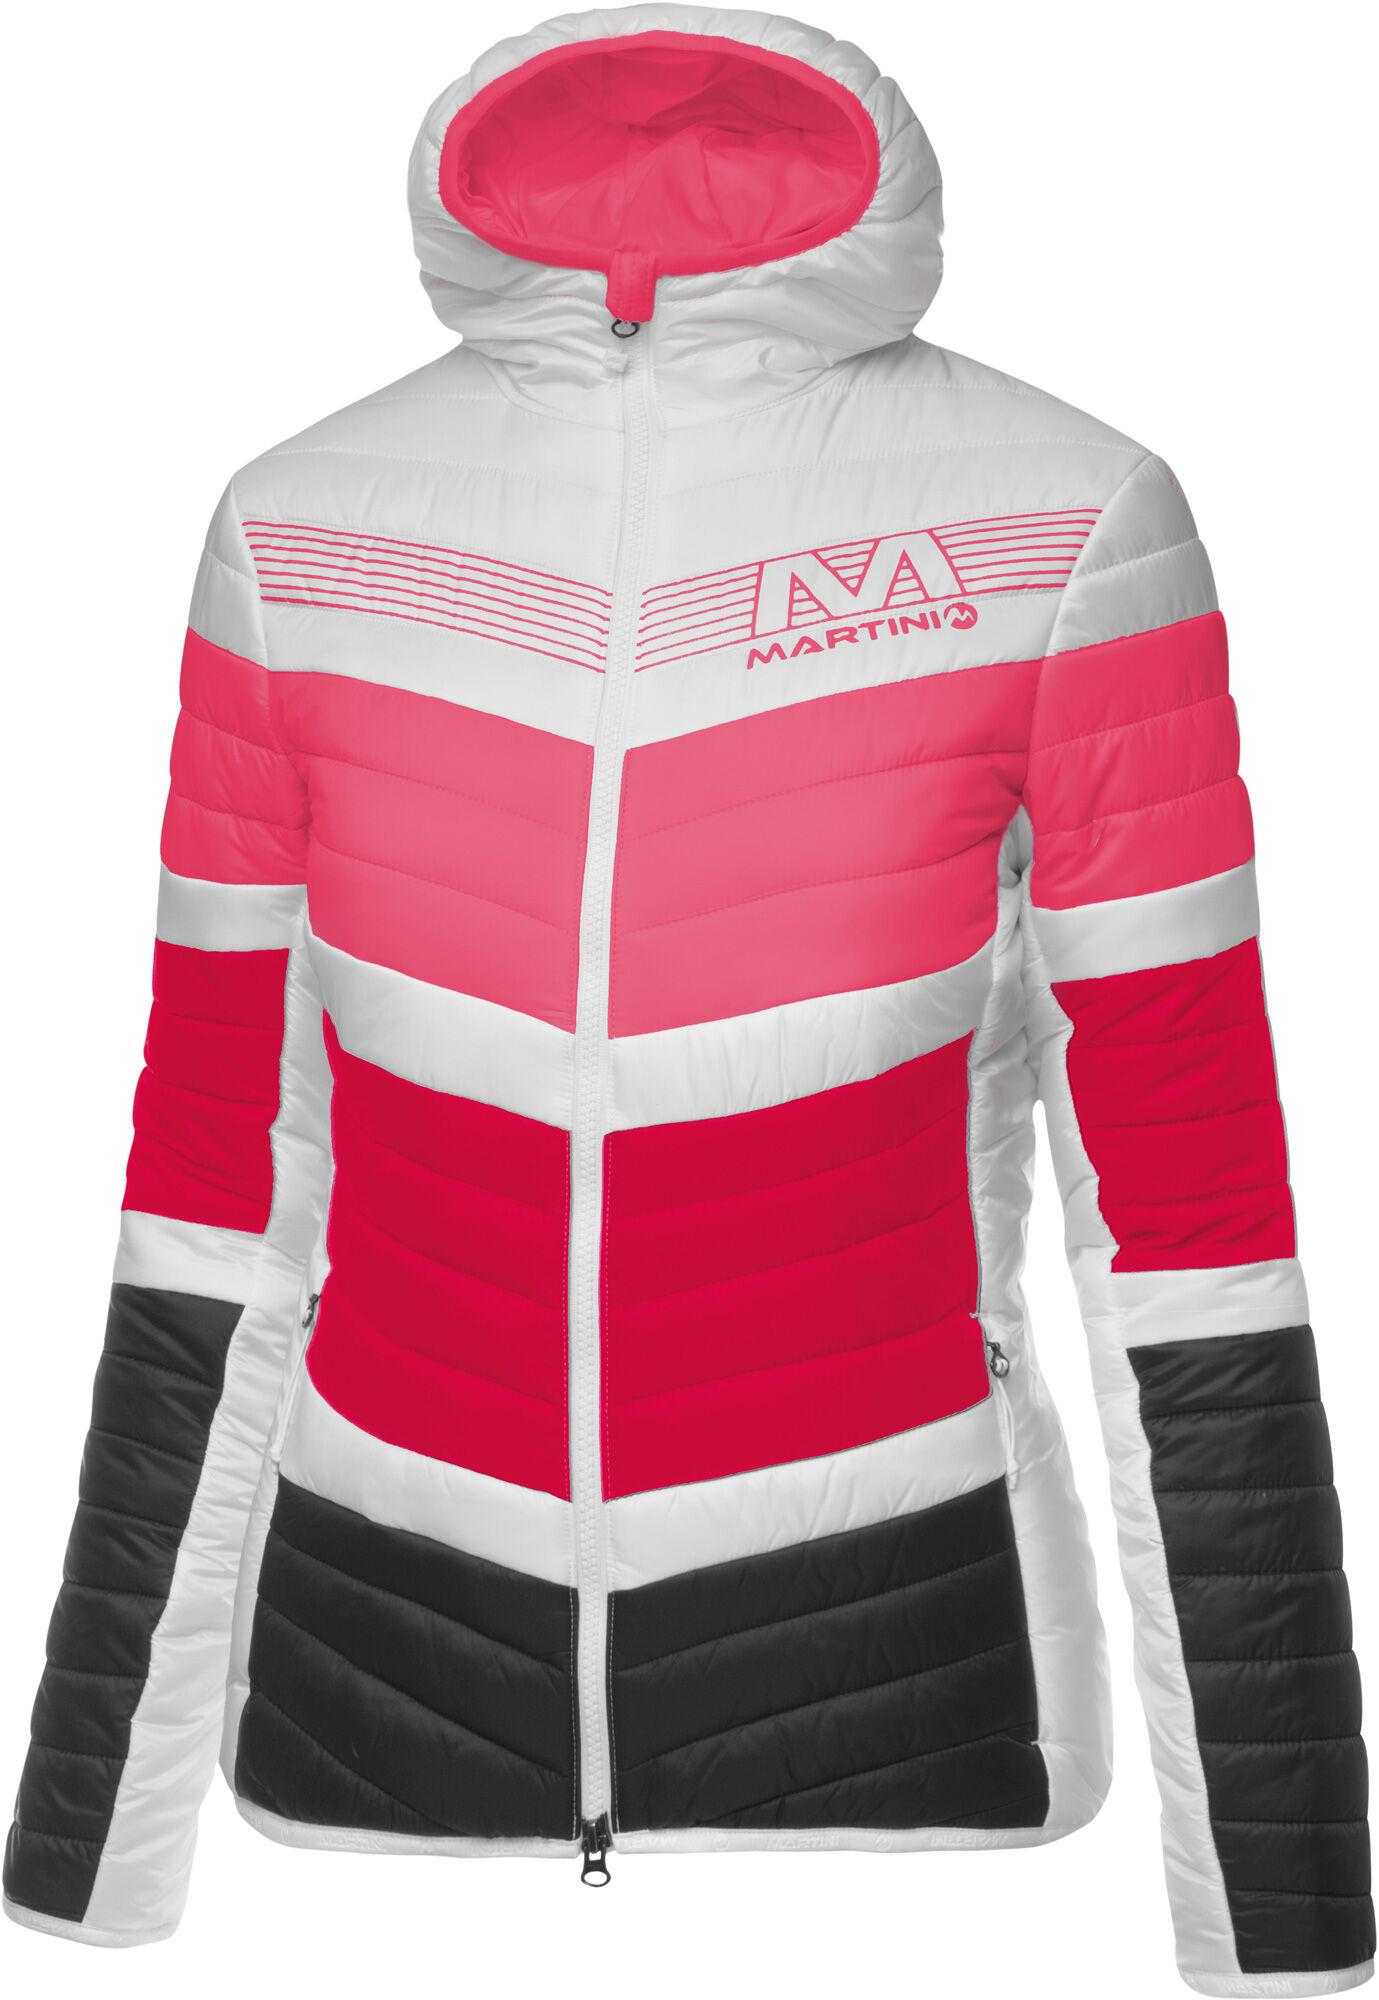 Sportbekleidung & Sportartikel im INTERSPORT Onlineshop